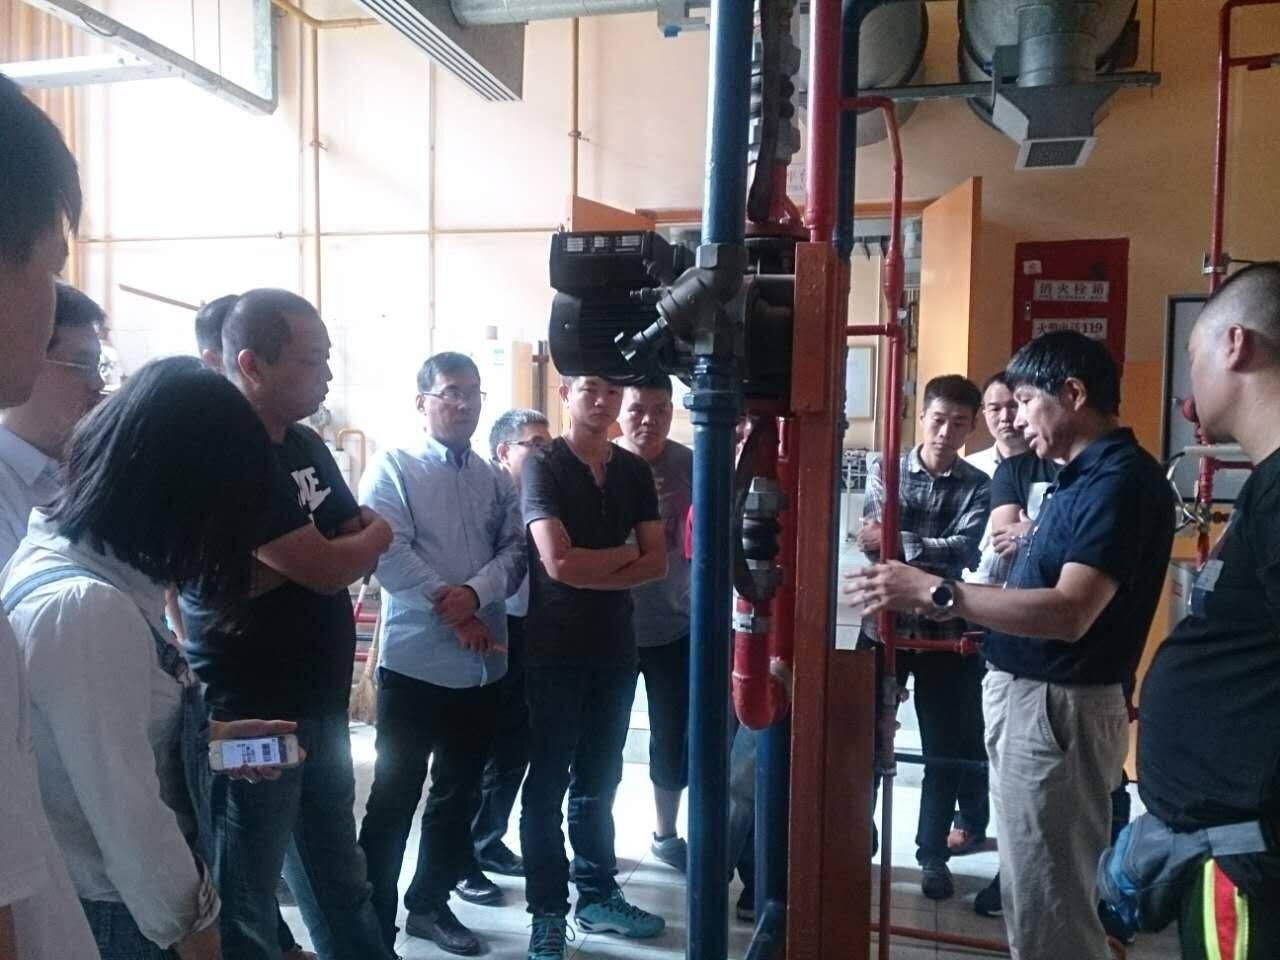 cn_company_news_hvacr_boiler_heating_training_02.jpg